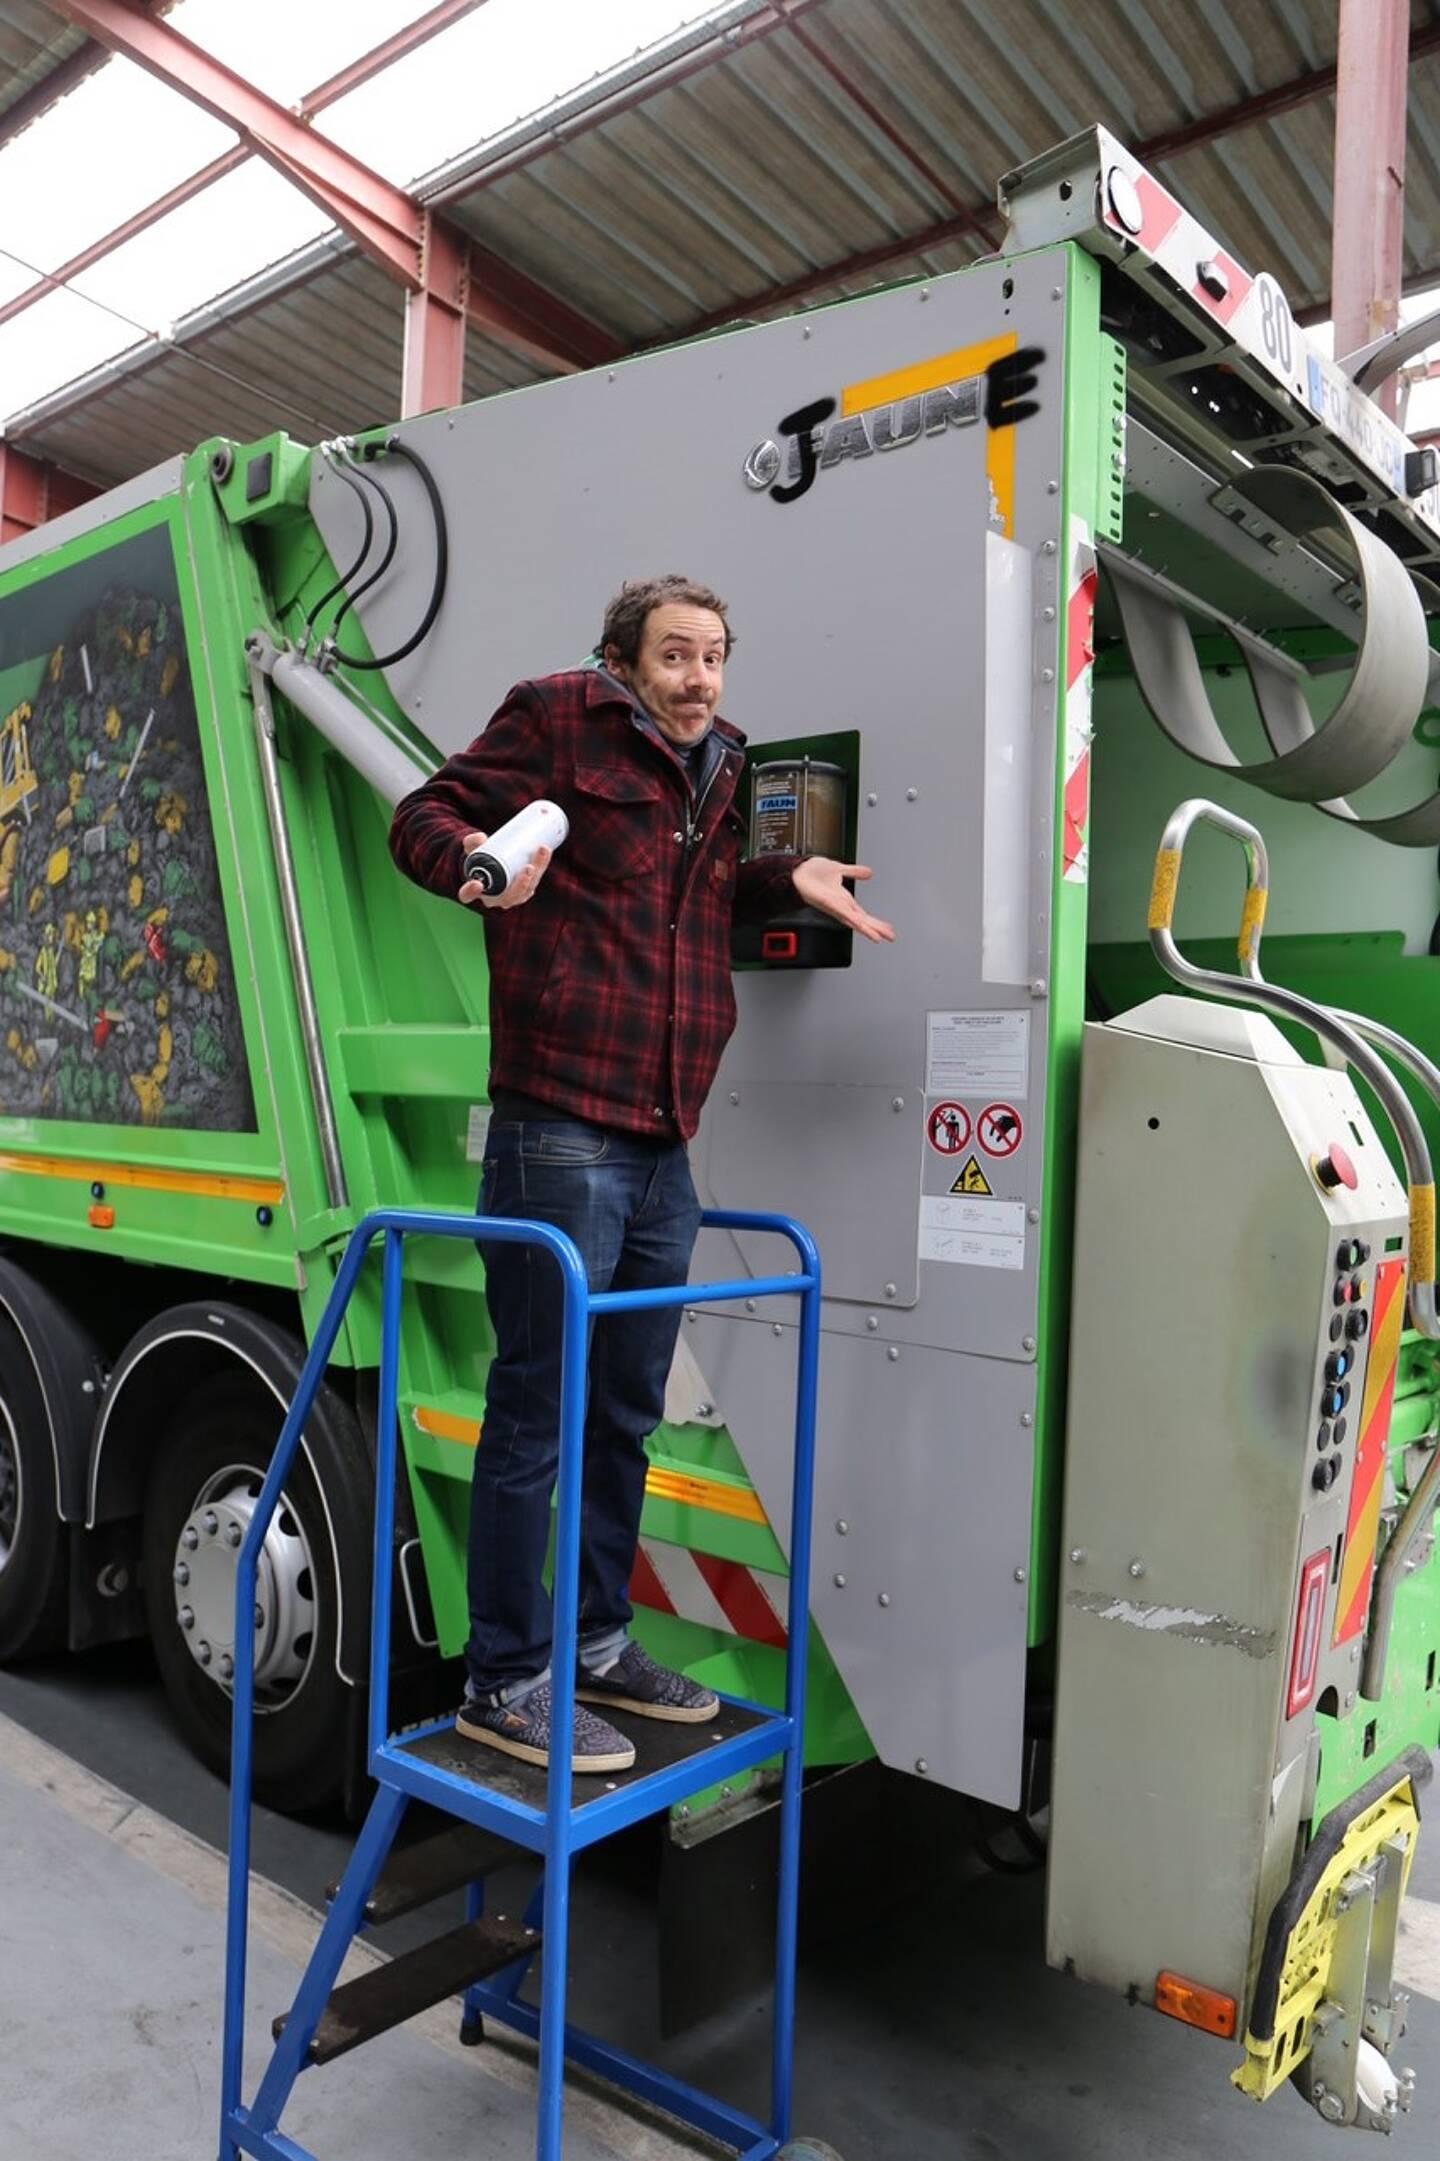 Les artistes d'art urbain s'expriment comme ici Jaune sur un camion de poubelles